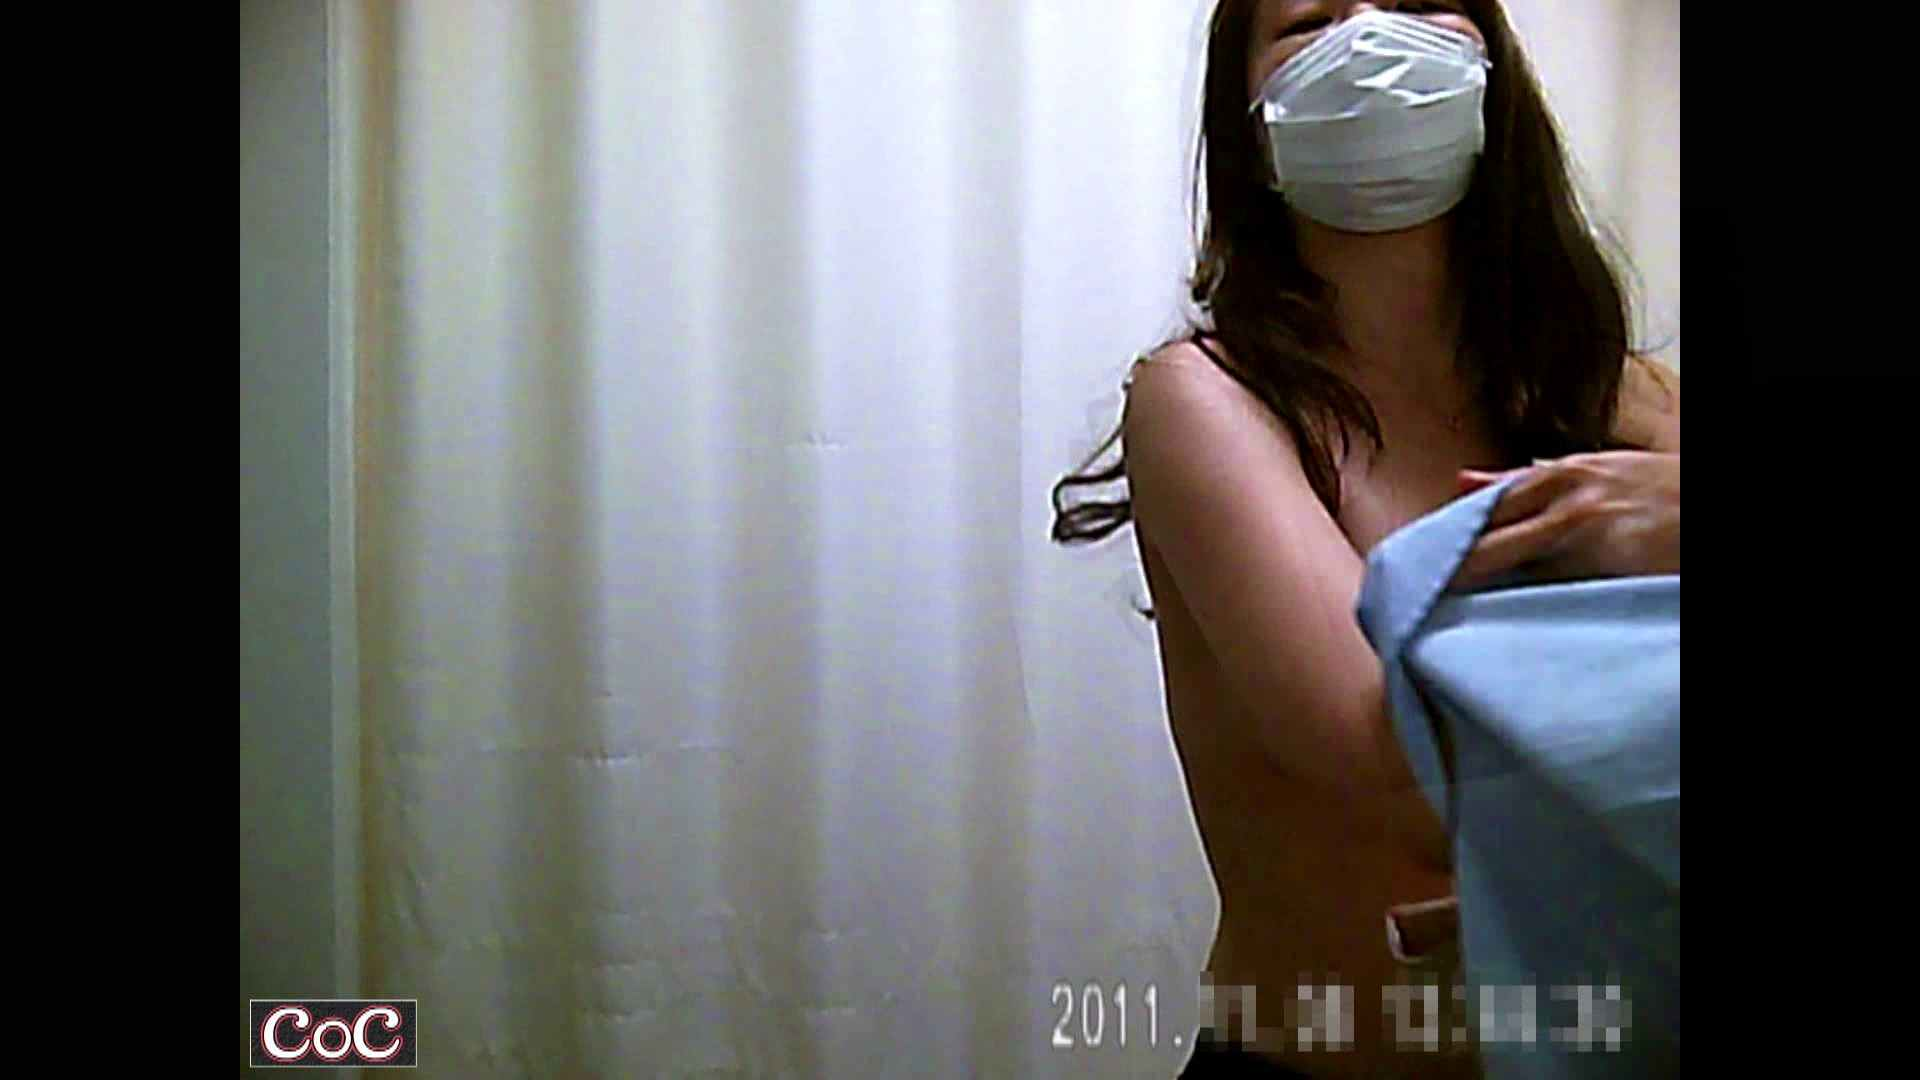 病院おもいっきり着替え! vol.84 チクビ すけべAV動画紹介 102画像 3